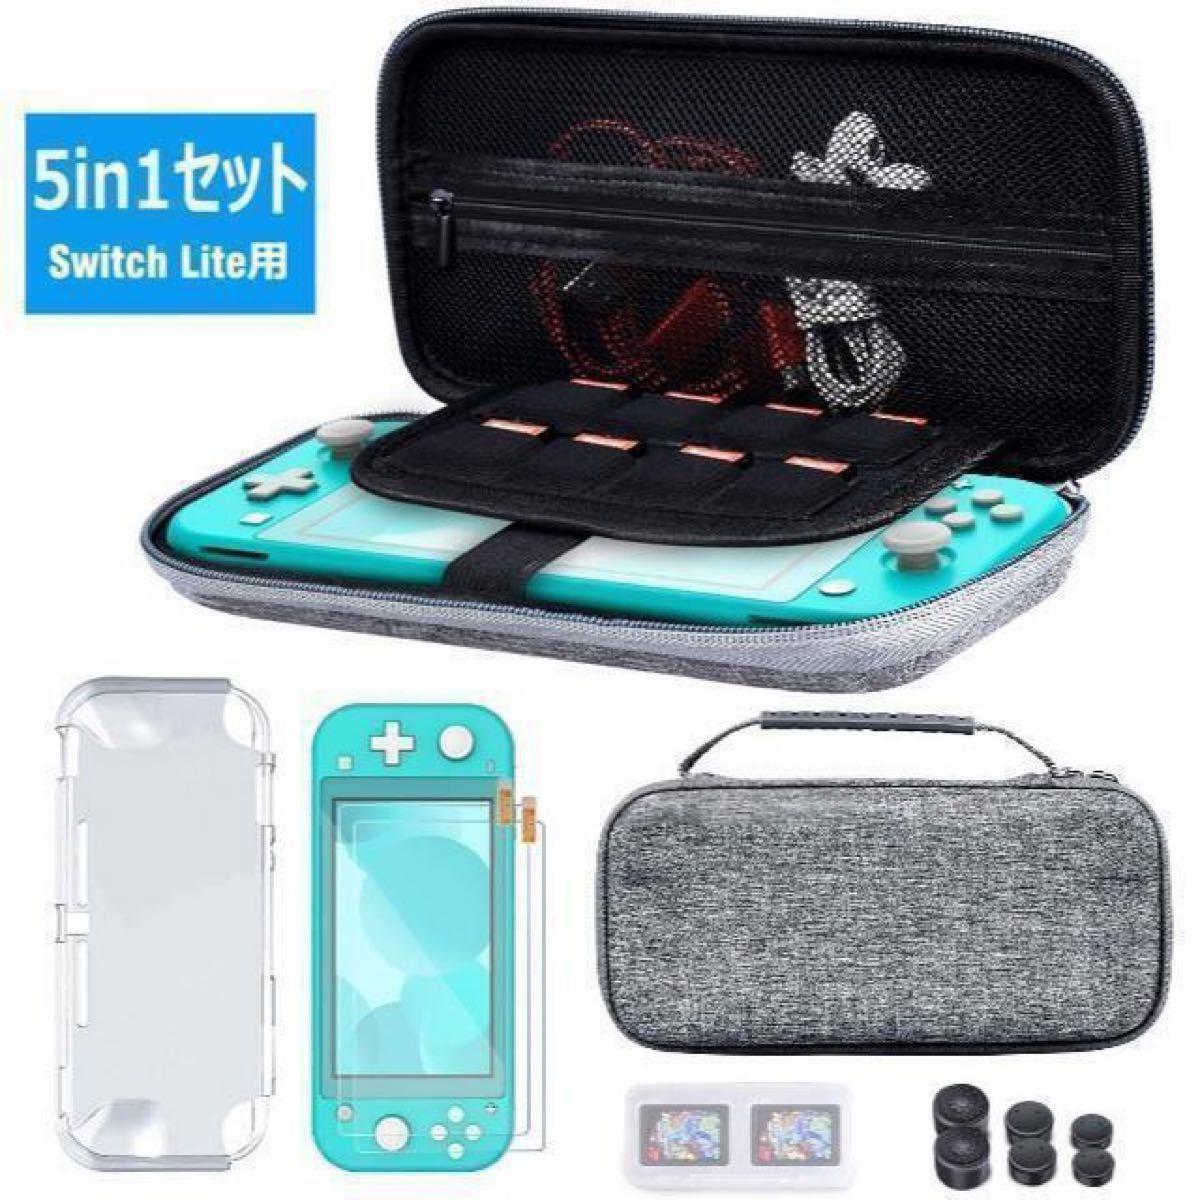 Nintendo Switch 収納バッグ 任天堂スイッチケース ニンテンドースイッチ